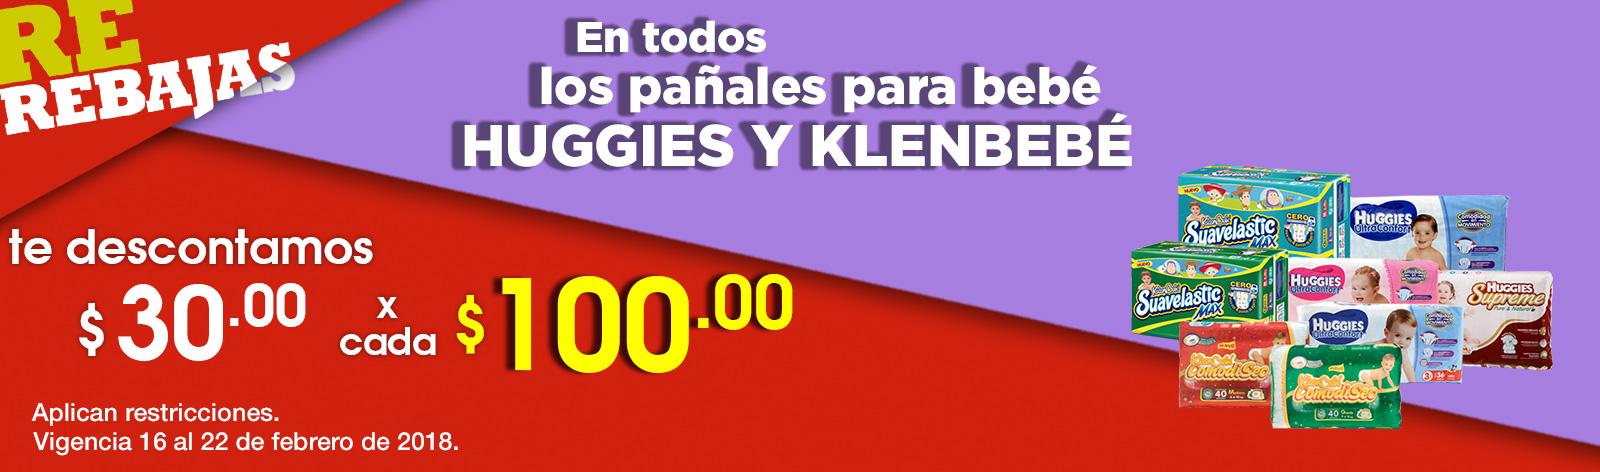 Comercial mexicana y MEGA: $30 de descuento por cada $100 en pañales Huggies y KleenBebé